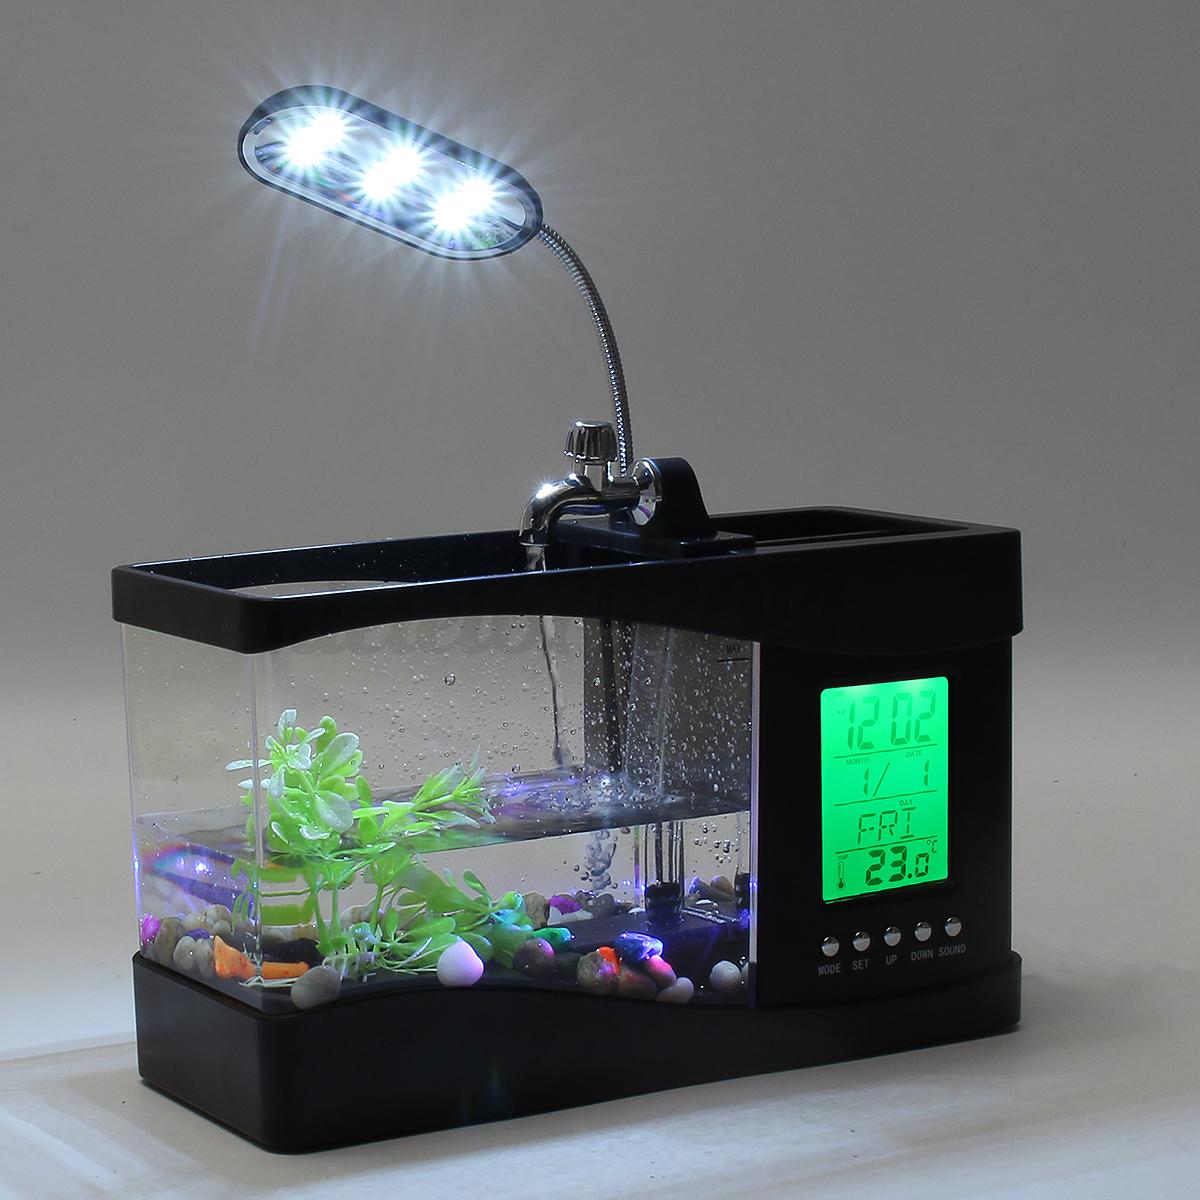 New mini desktop aquarium fish tank alarm clock usb table for Usb fish tank